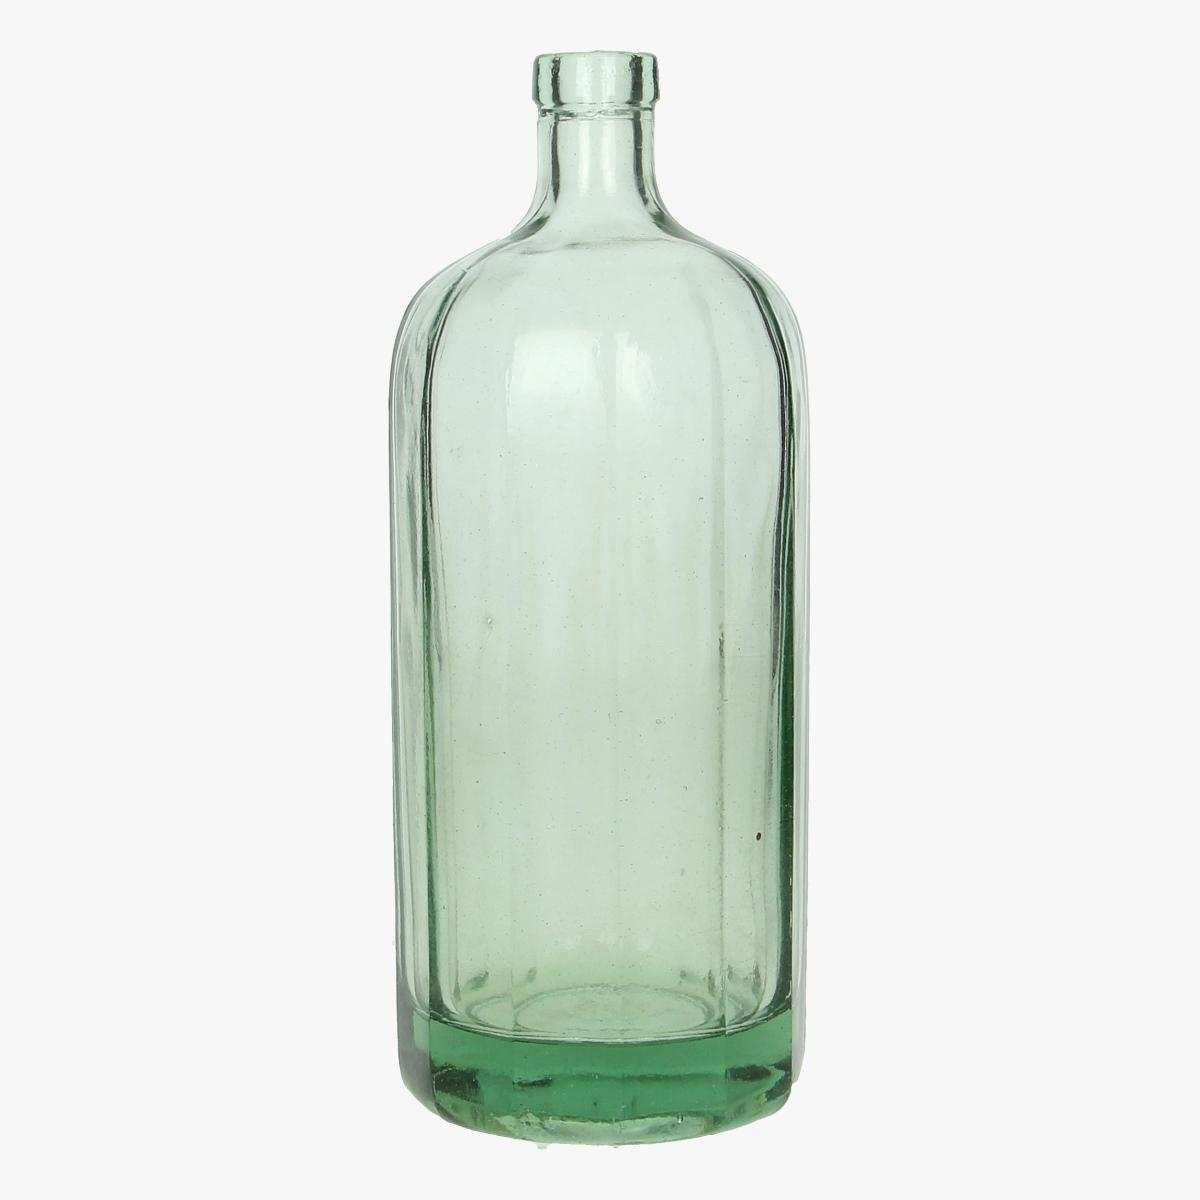 Afbeeldingen van oude soda fles